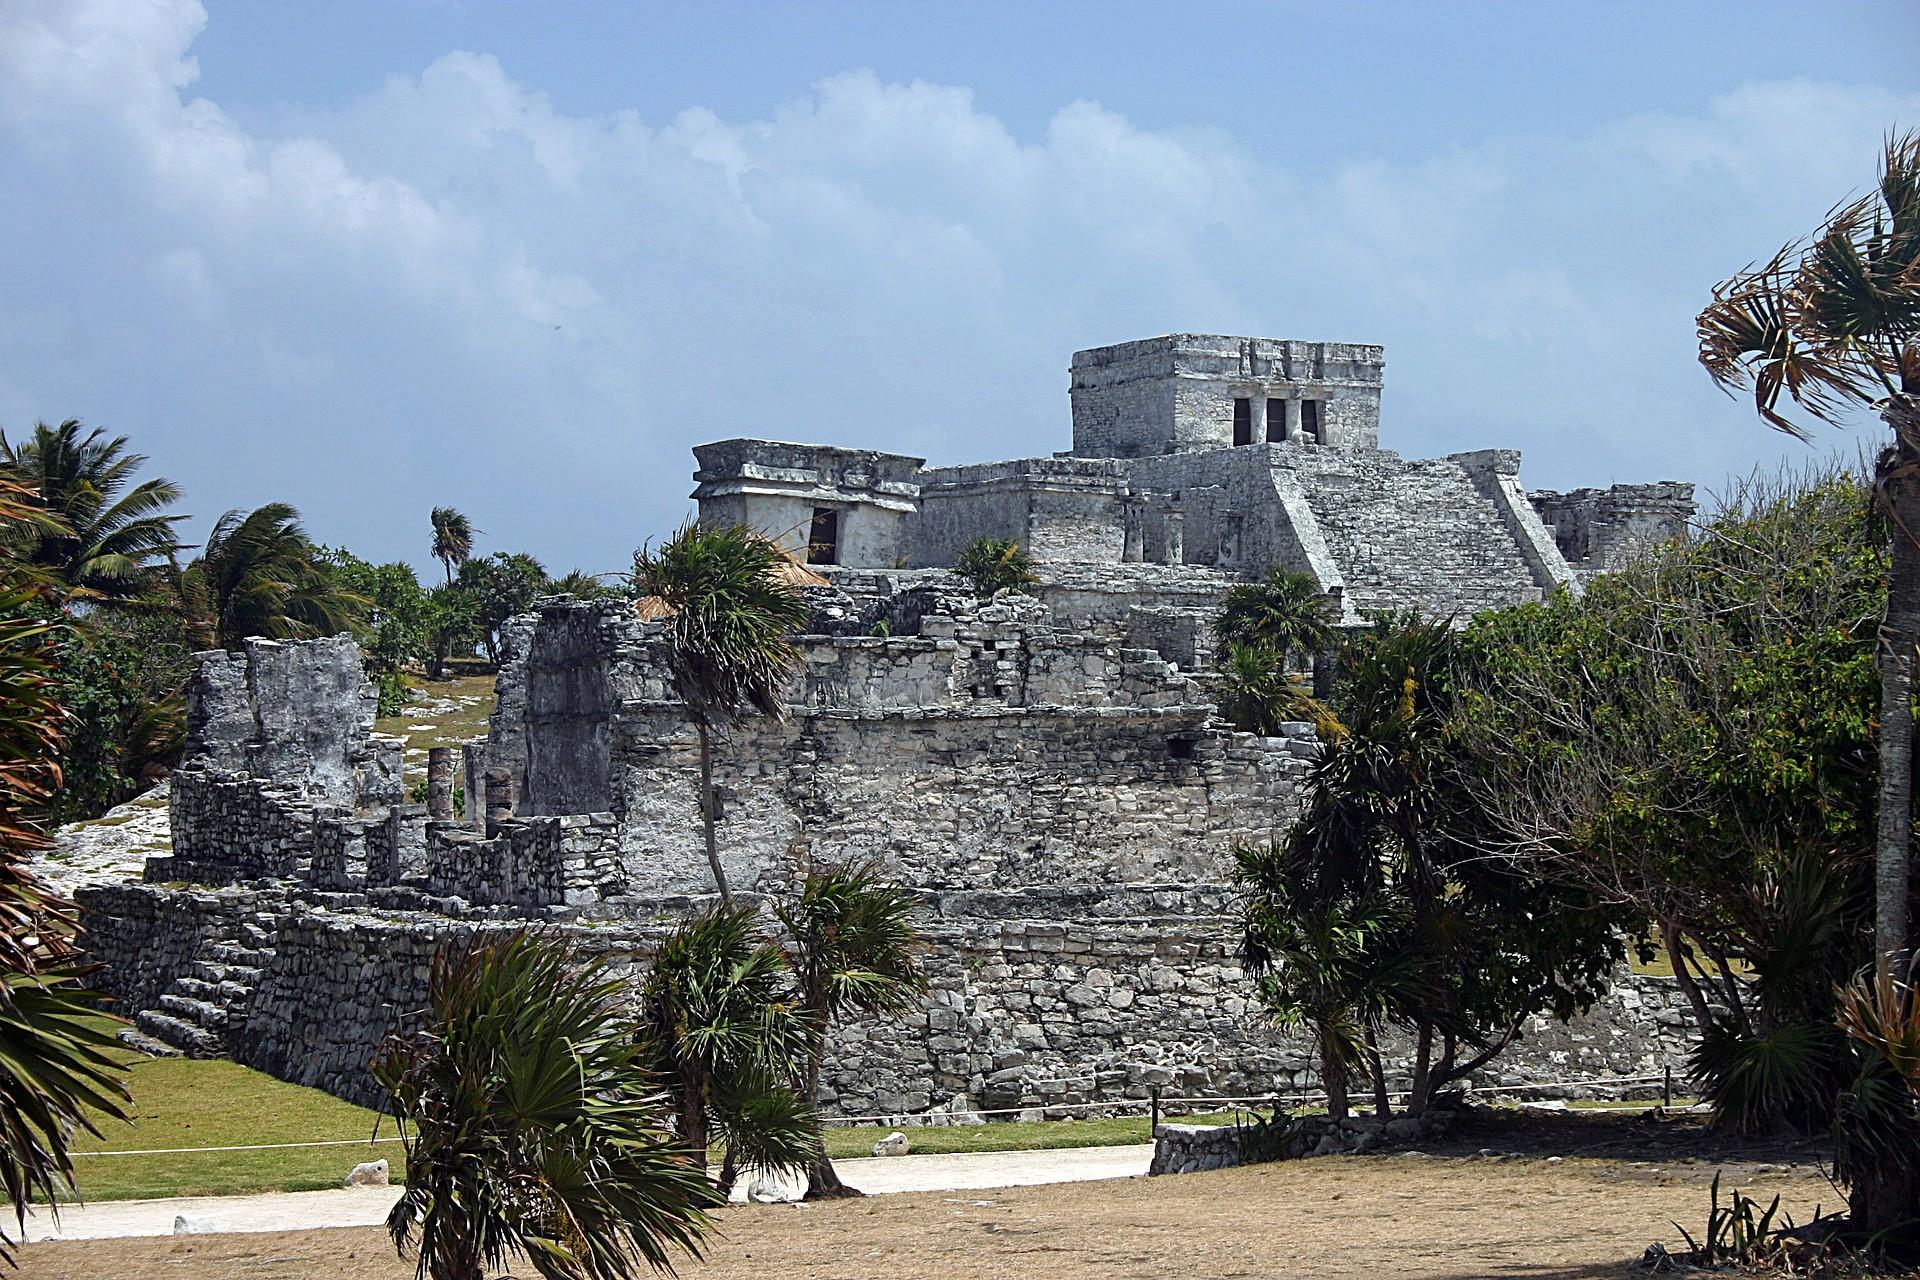 Le site maya de Tulum, au Mexique